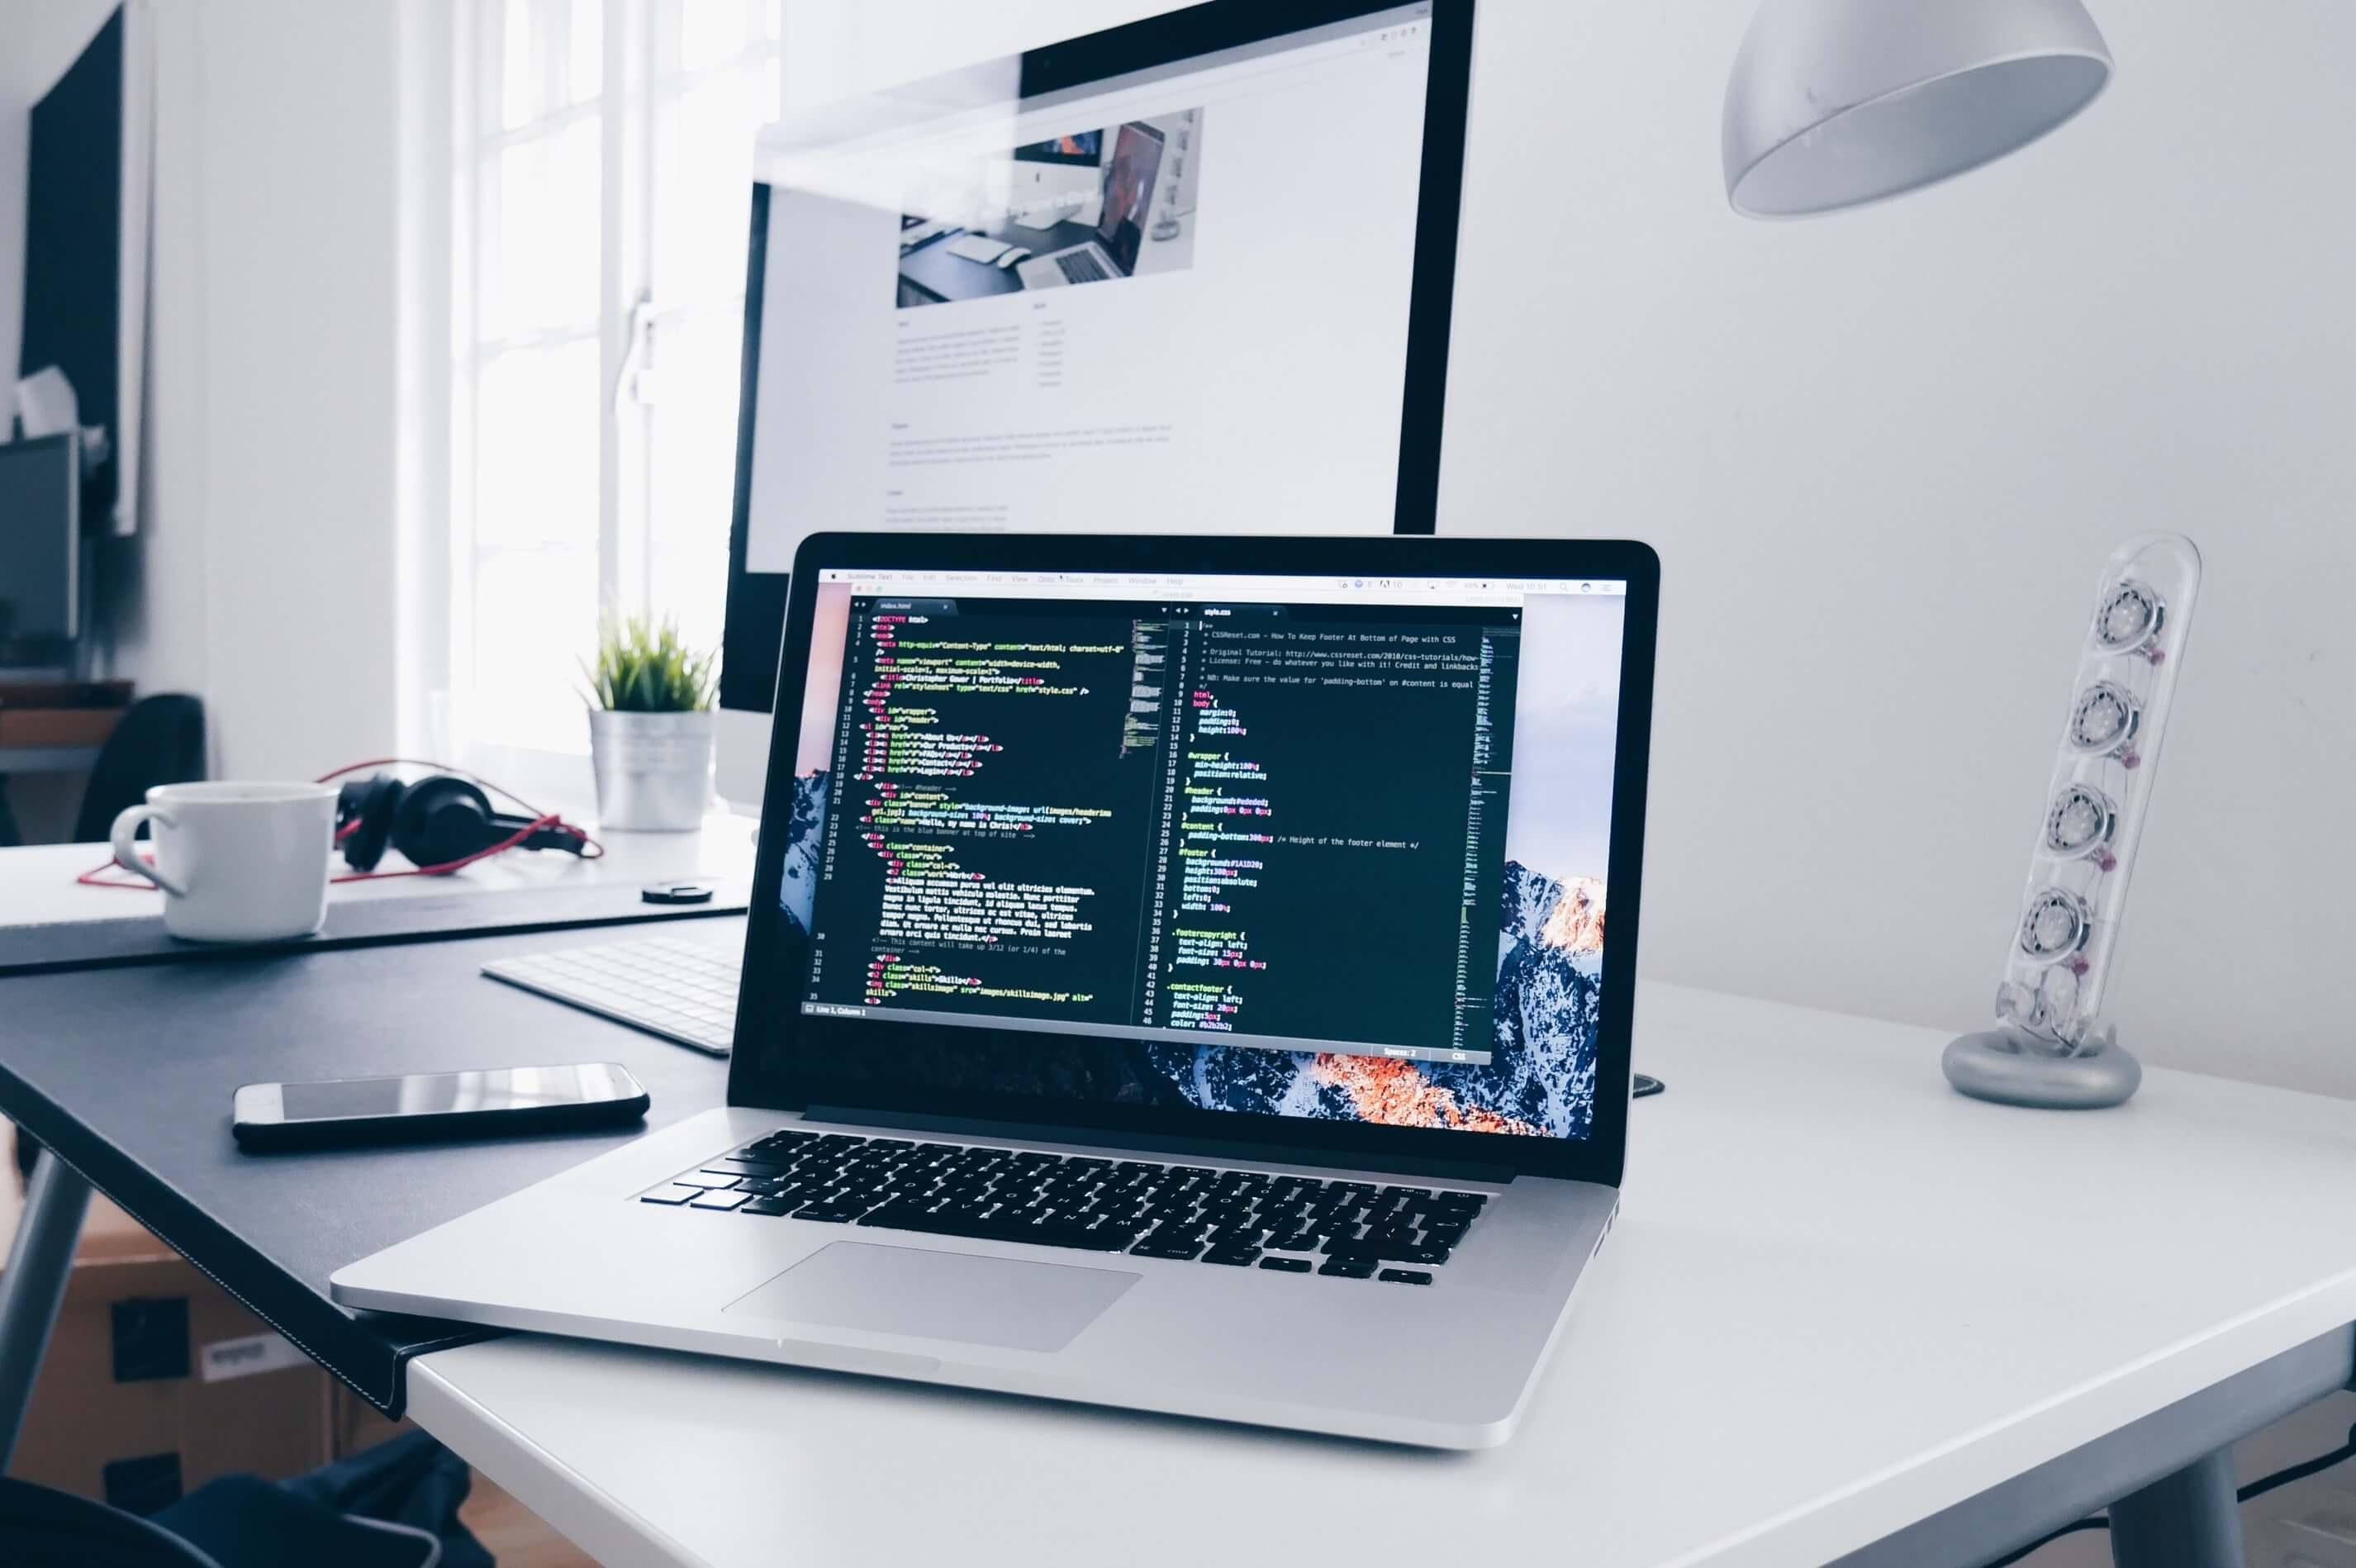 web_marketingCTA(Call to action)とは?Web集客する際に覚えておくべきCTAの意味と用途